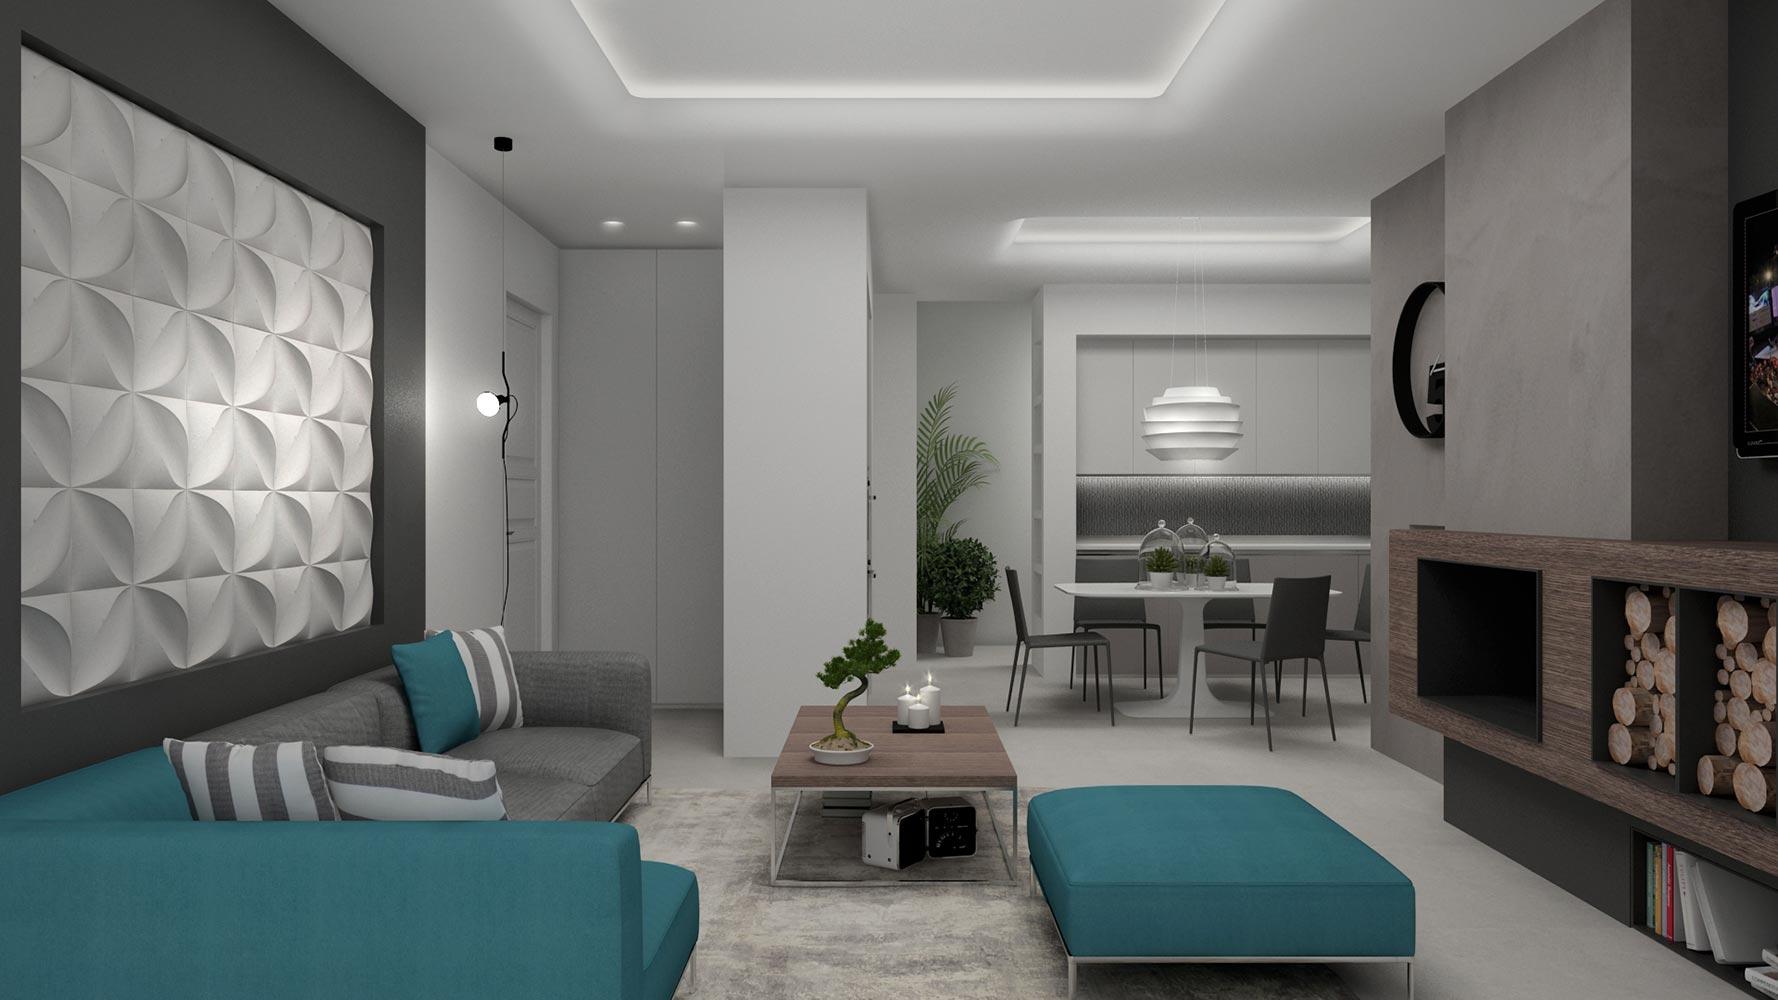 Residenza Privata - Monia Marzano